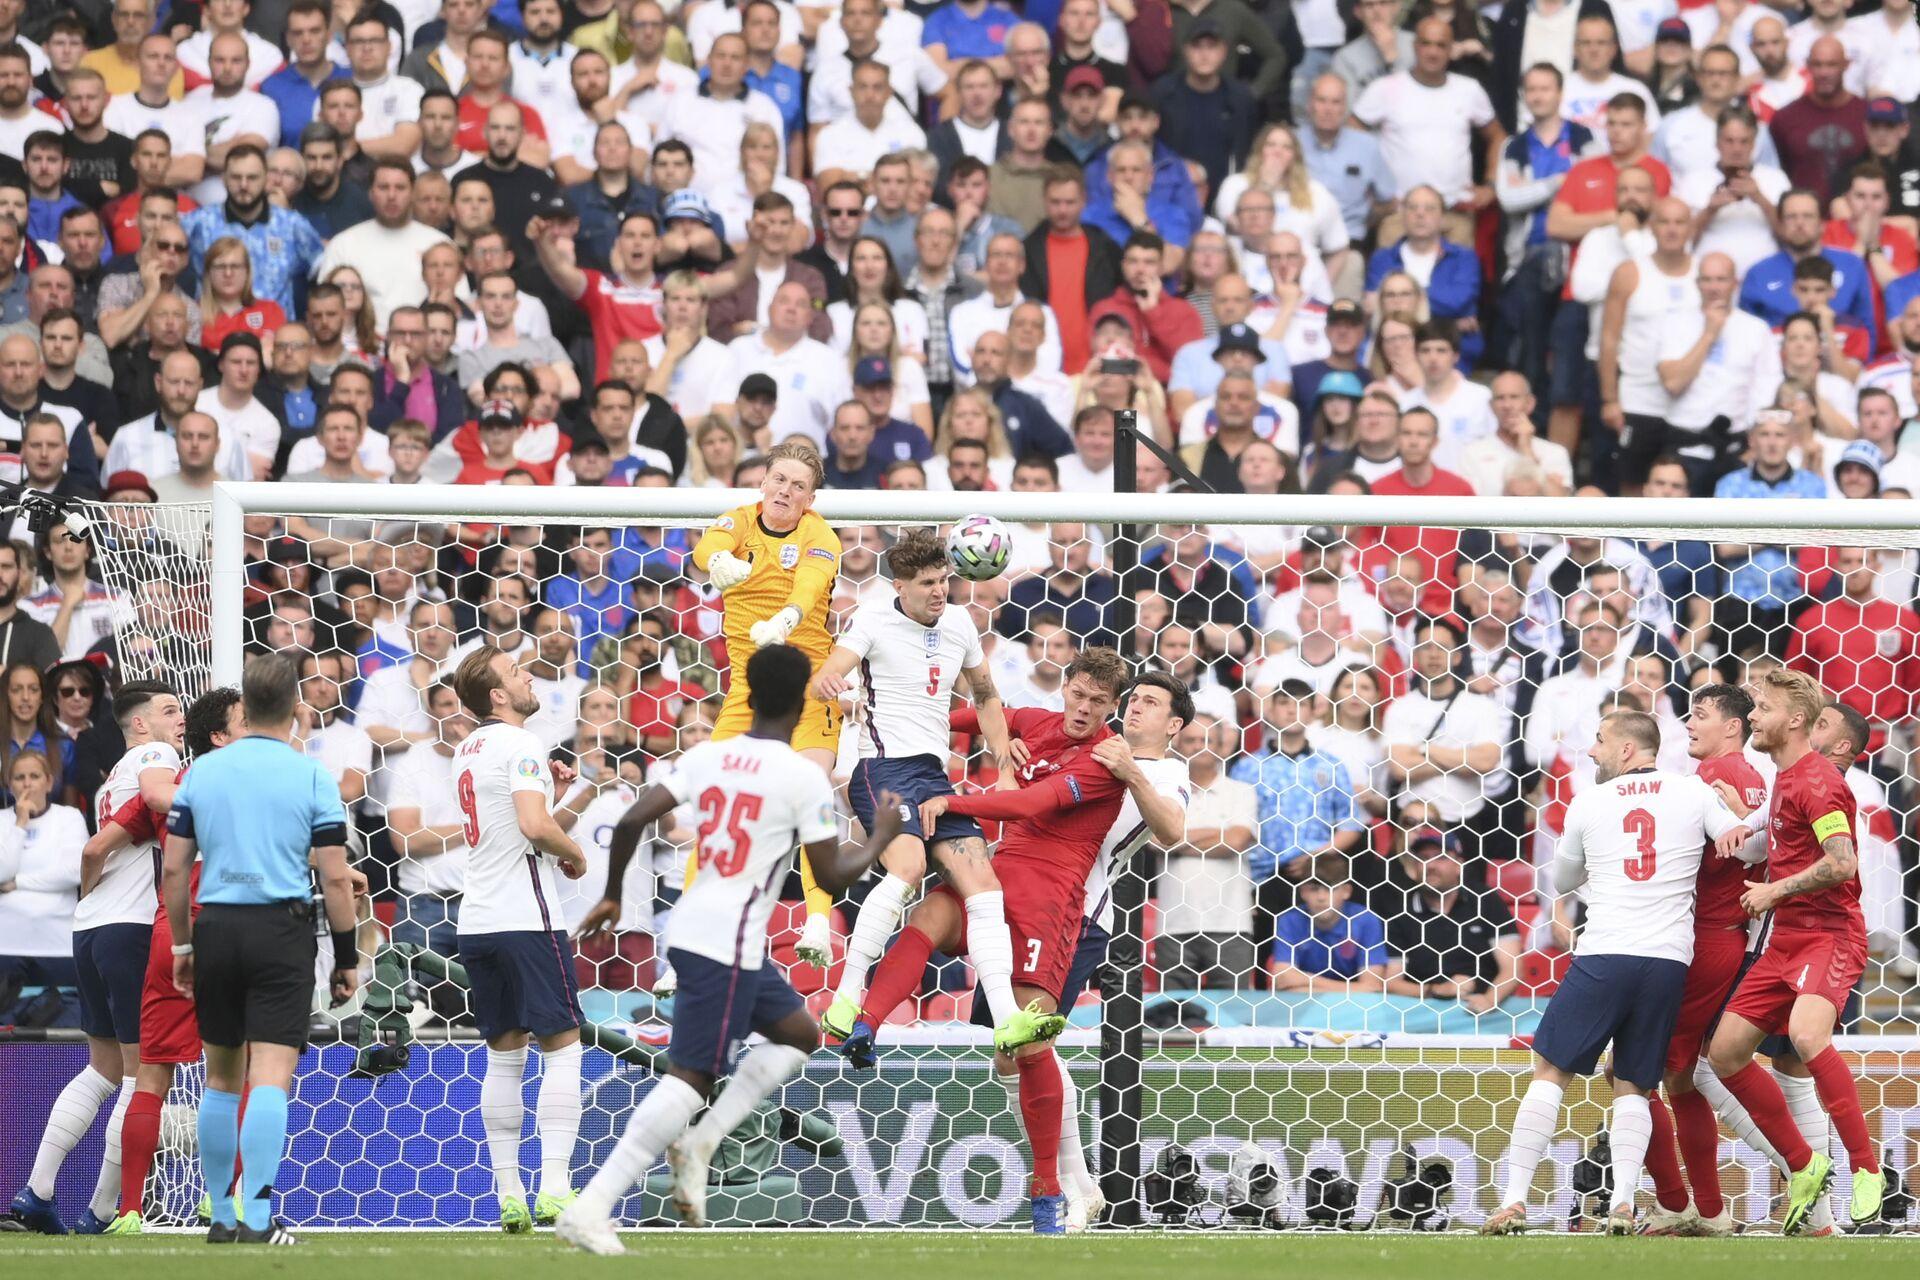 EURO 2020: Đội Anh đánh bại đội Đan Mạch và giành quyền vào chung kết - Sputnik Việt Nam, 1920, 08.07.2021